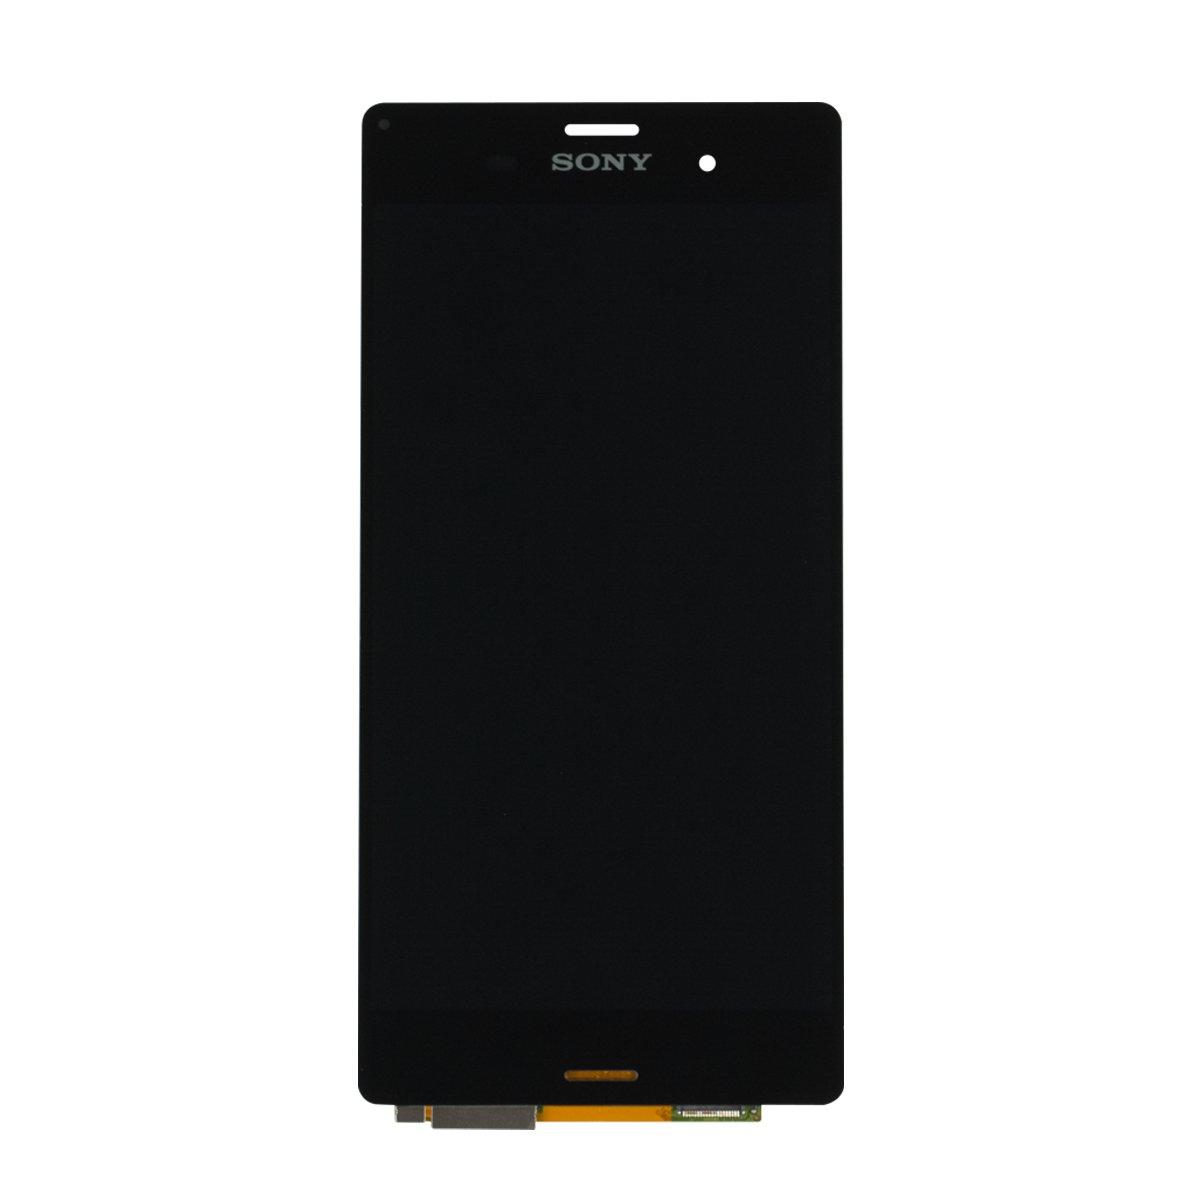 SONY XPERIA Z3 WYŚWIETLACZ LCD NOWY + WYMIANA